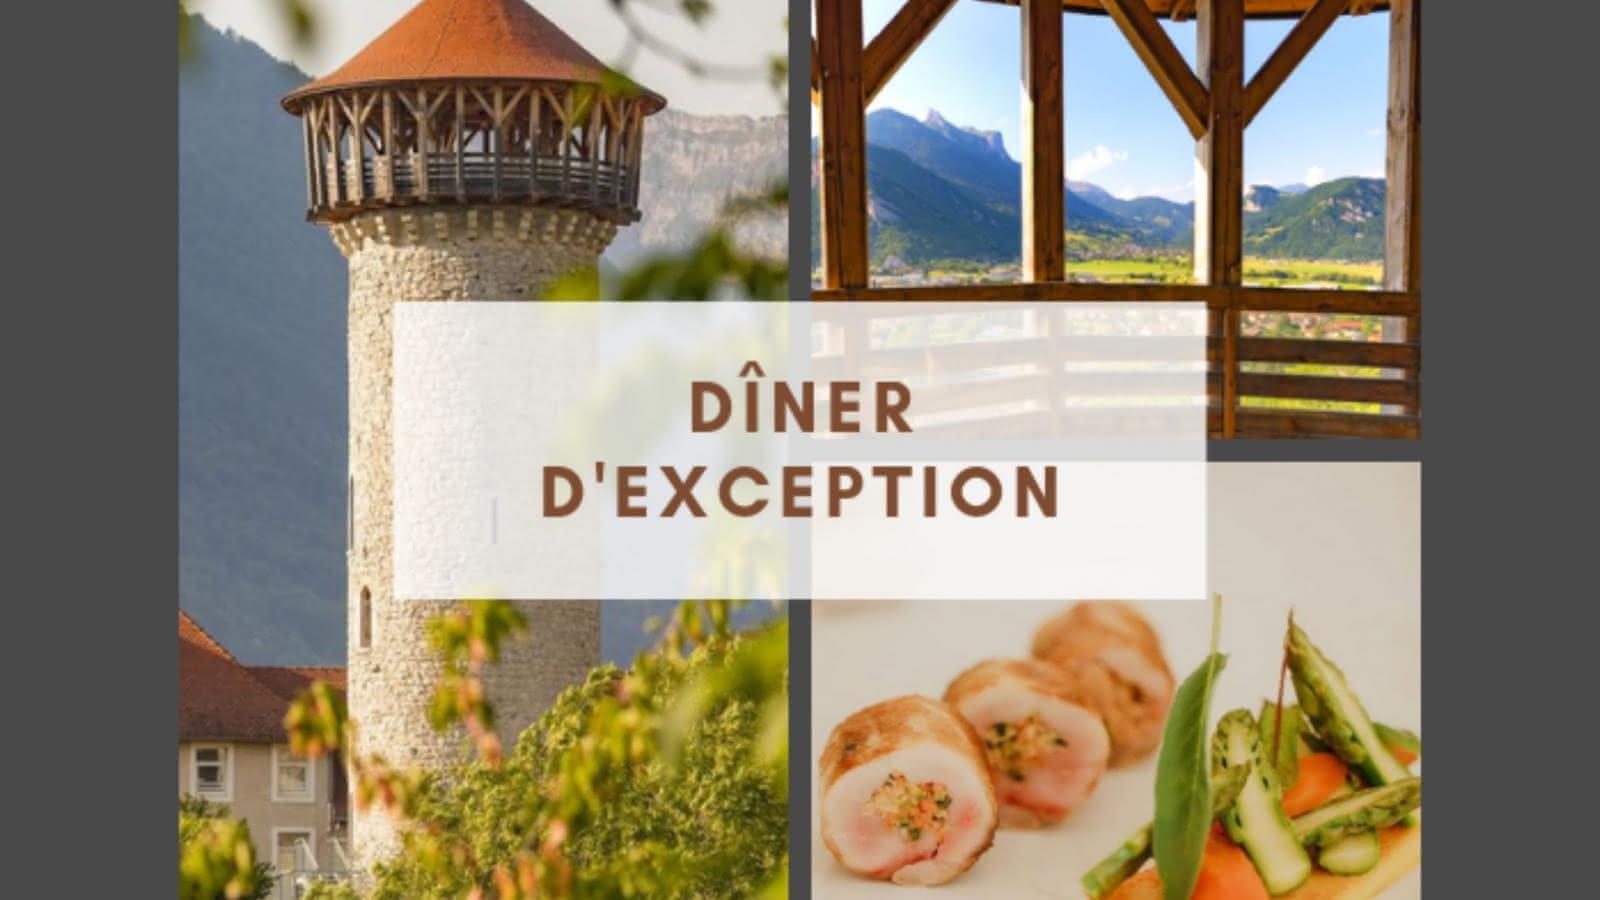 Dîner d'exception tour du château donjon des Seigneurs cuisine gastronomique